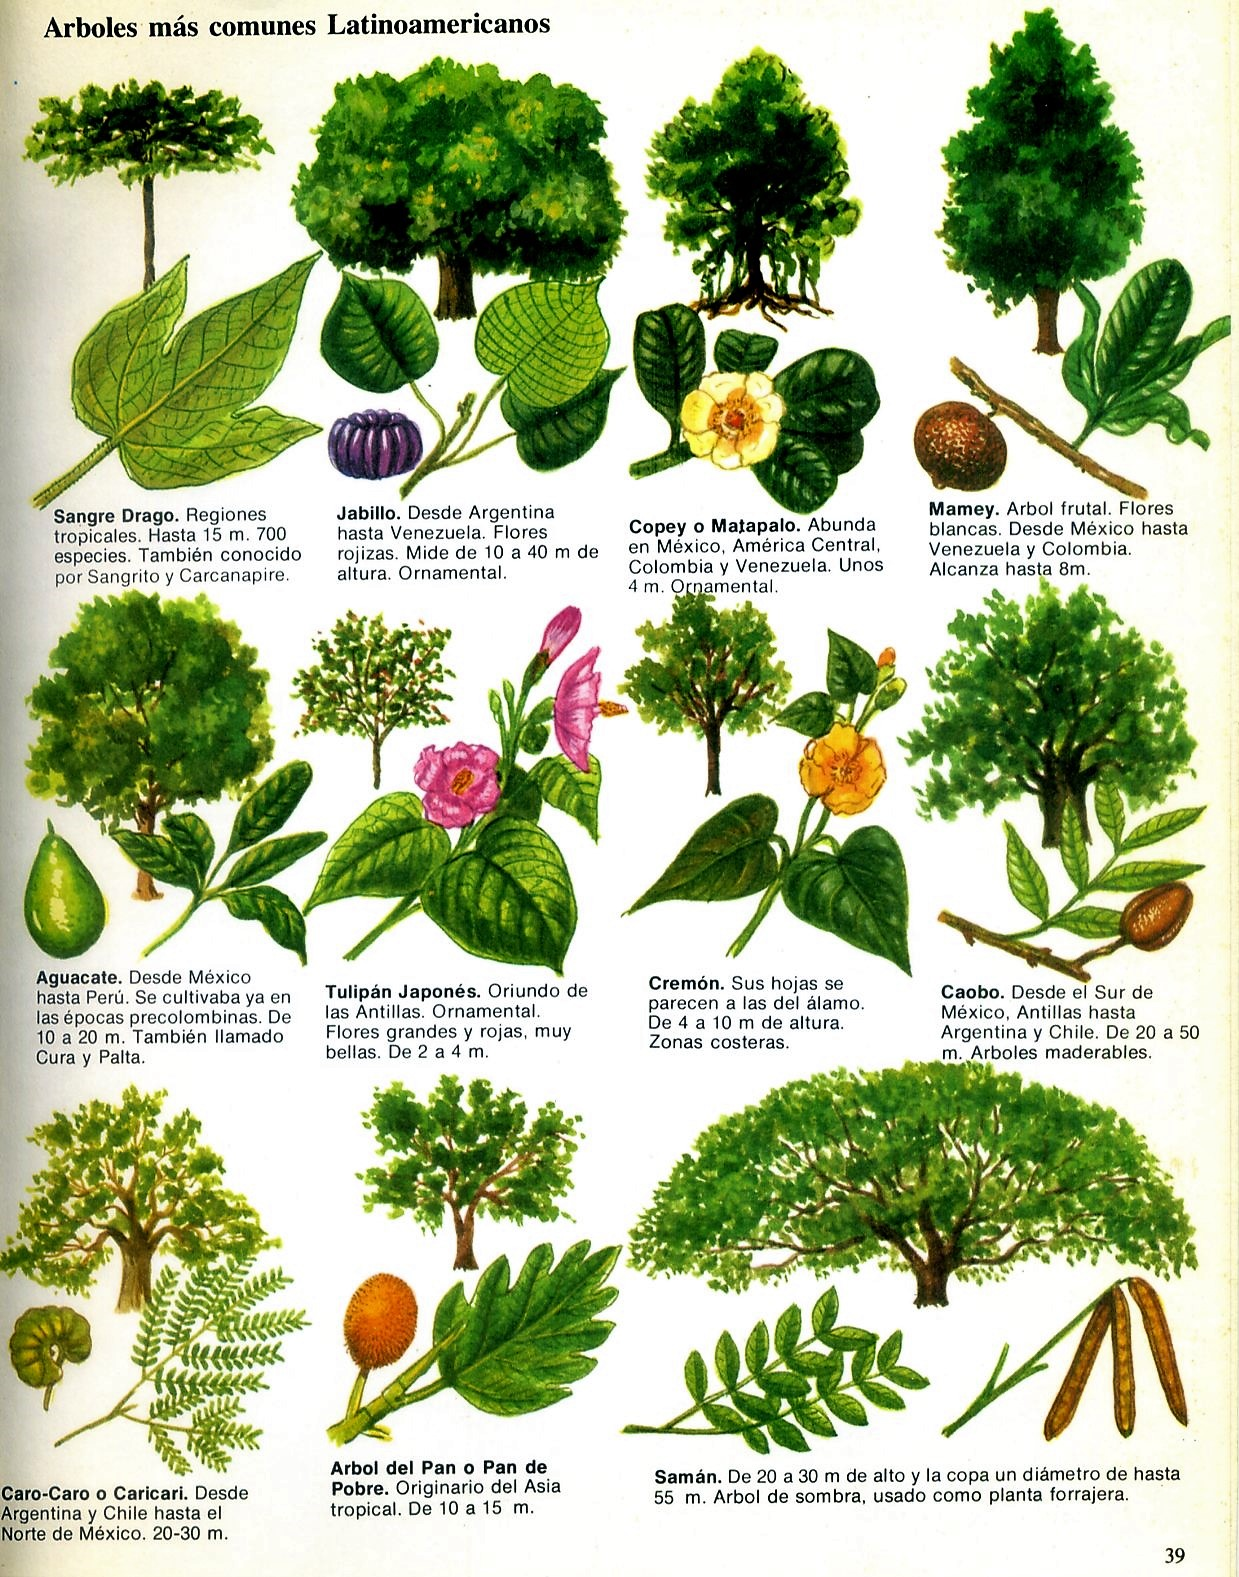 Txirpial rboles latinoamericanos for Hojas ornamentales con sus nombres